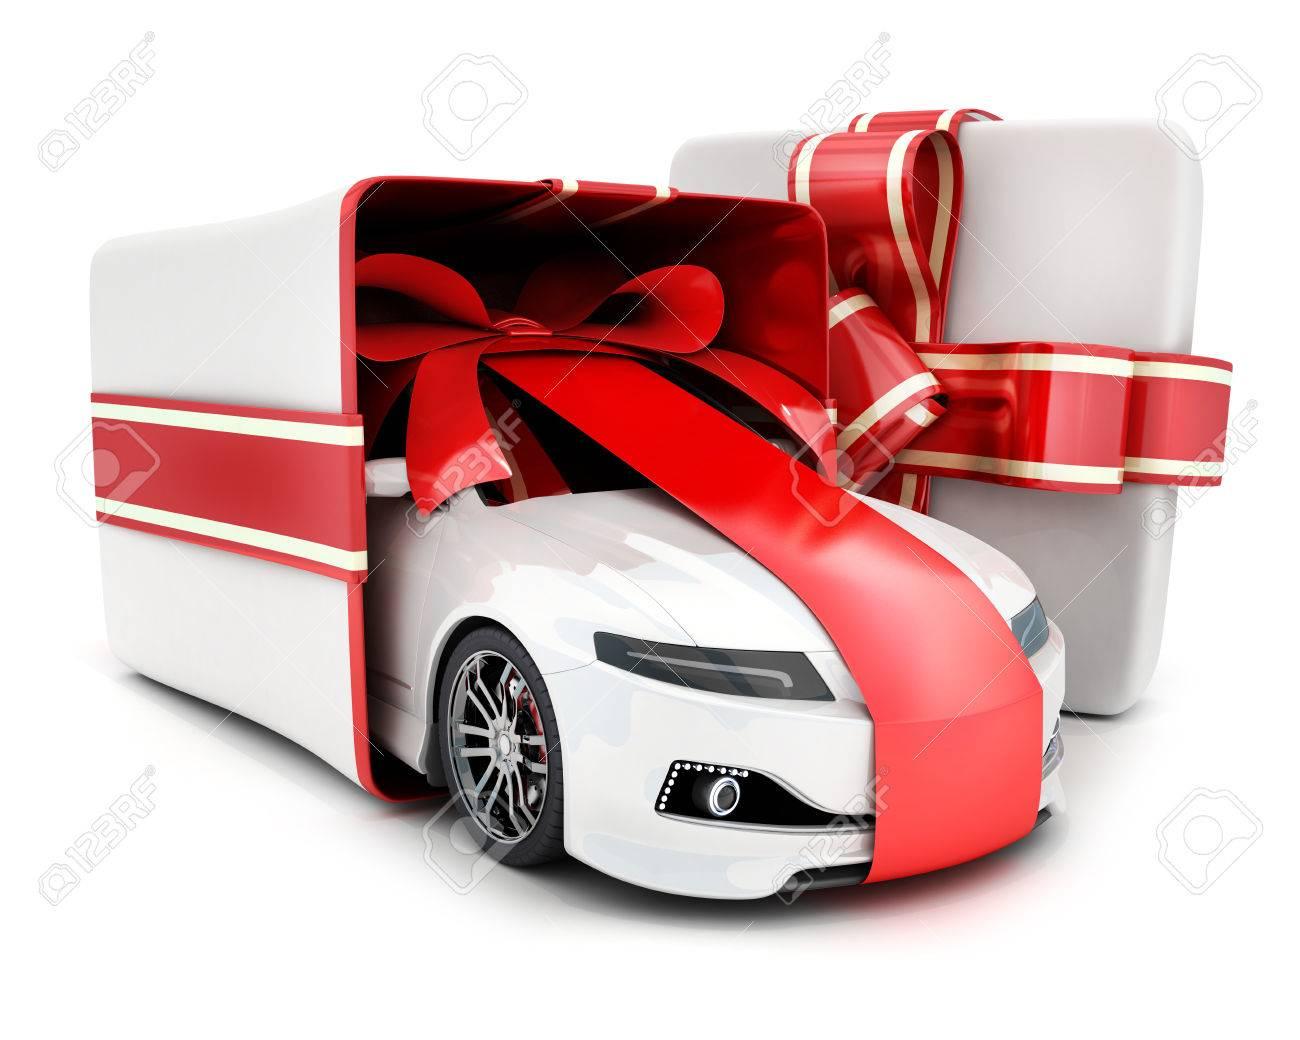 Voiture En Boîte Et Ruban Cadeau Sur Fond Blanc Illustration 3d